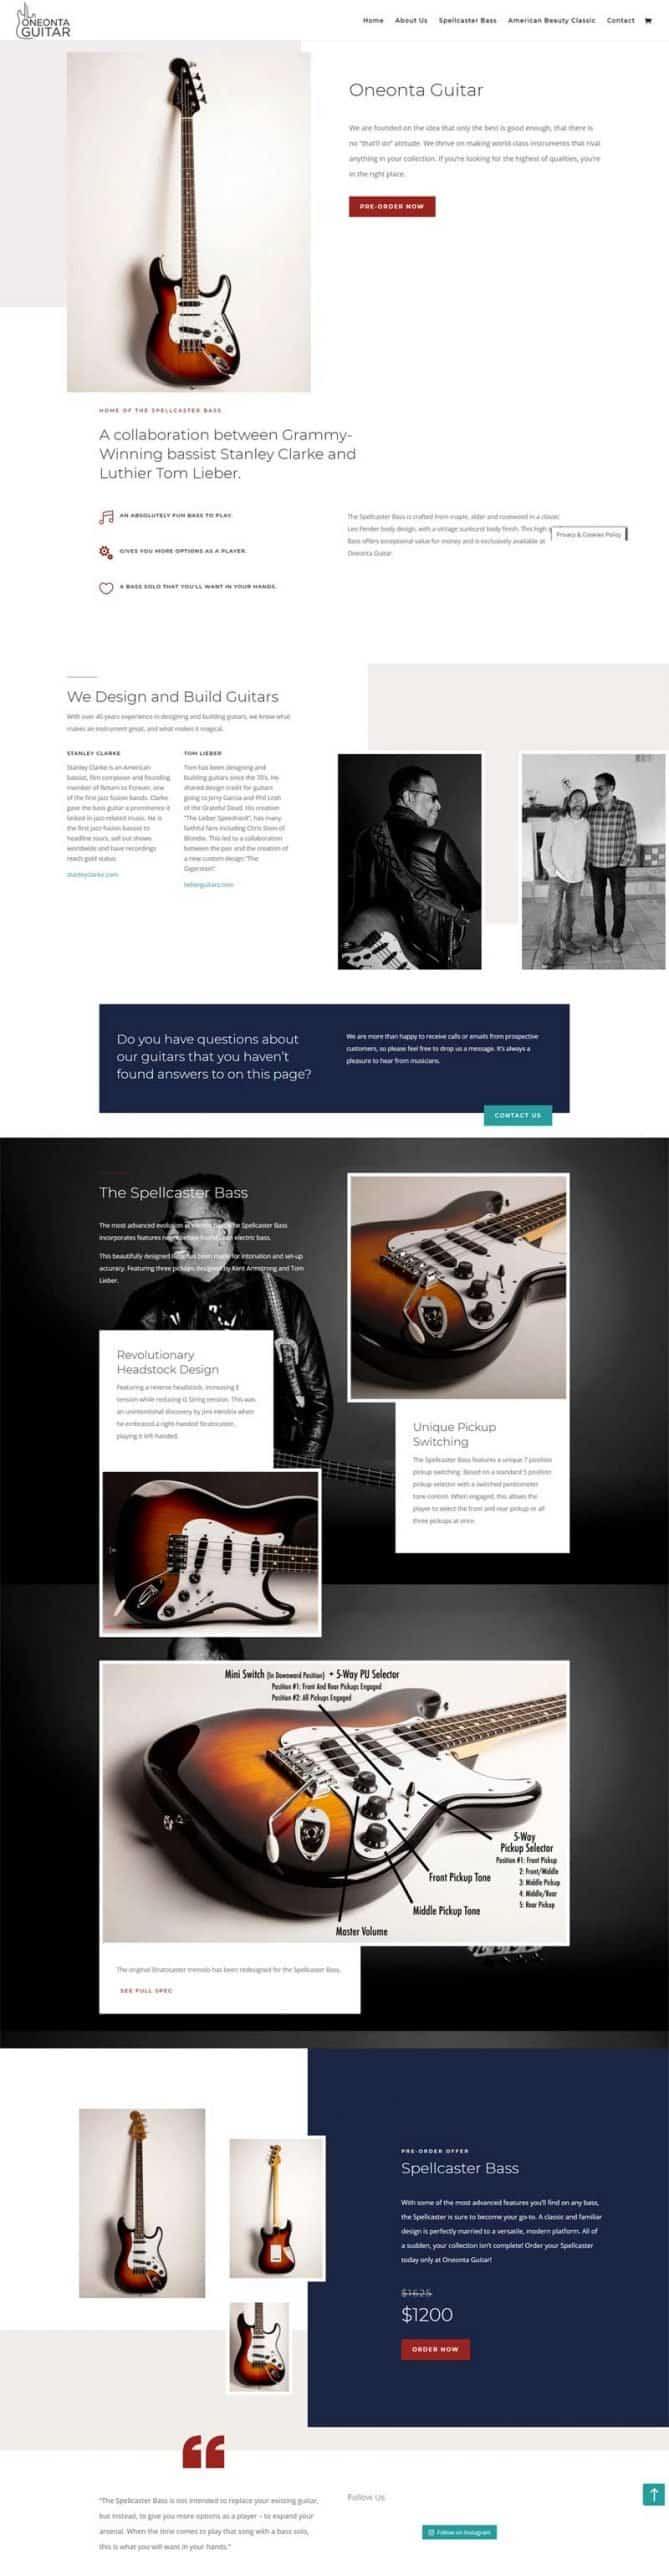 Screenshot of the Oneonta Guitar Website by Alpha Pixa